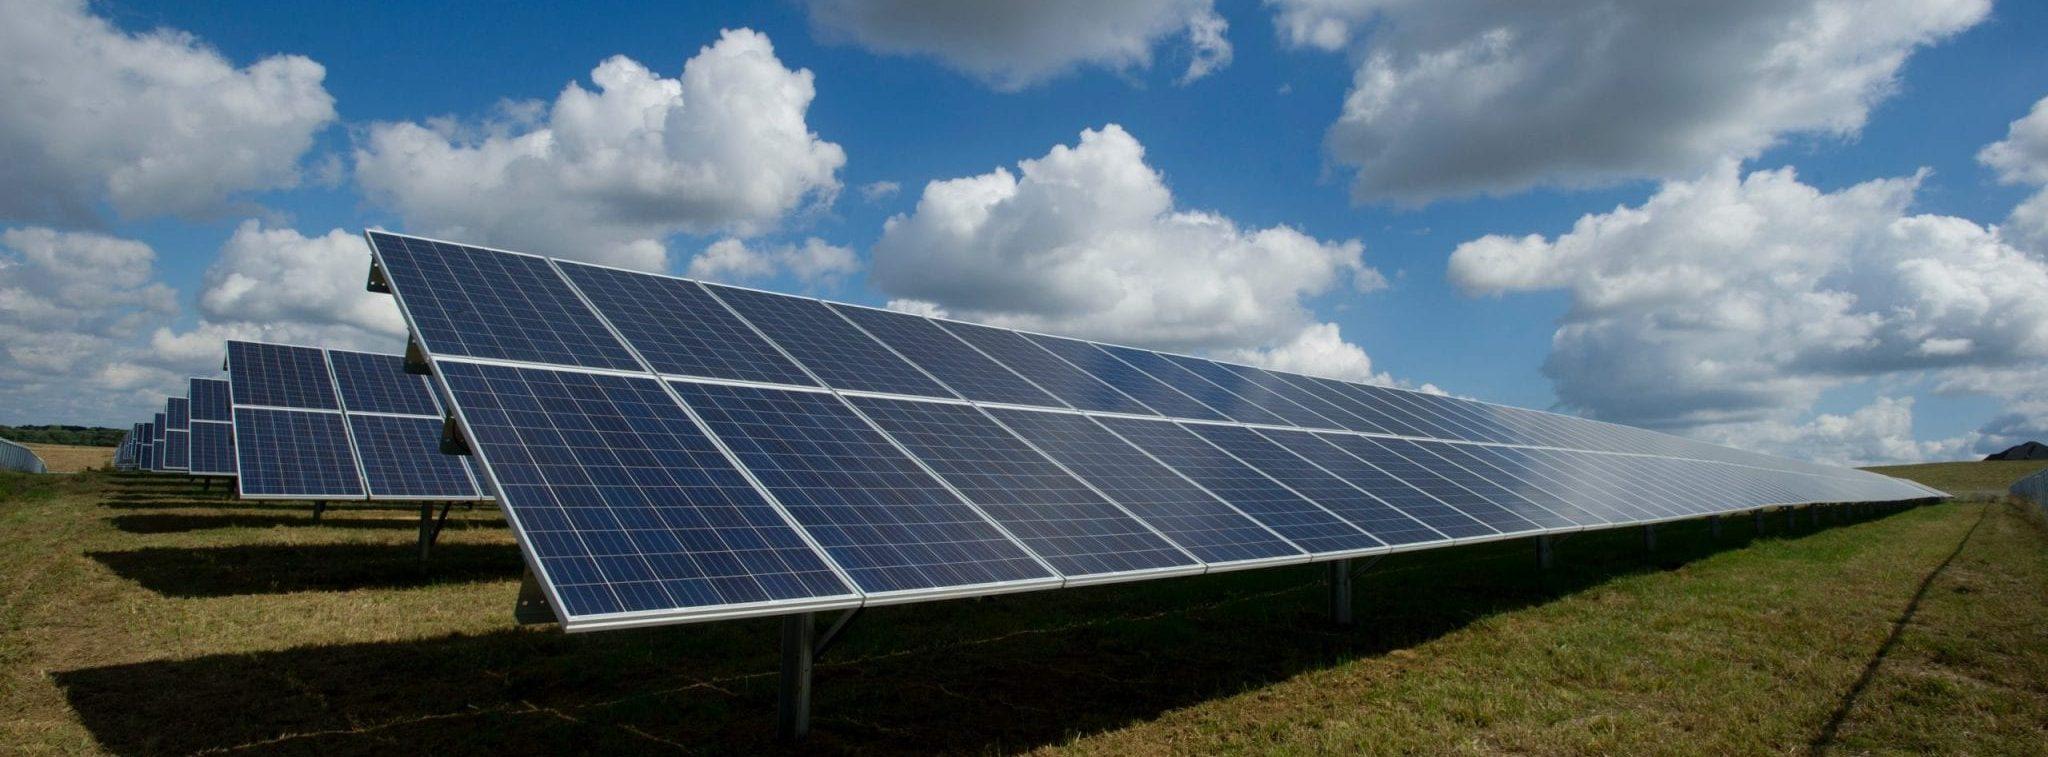 Solar AI In Renewable Energy Growth - energy,solar ai